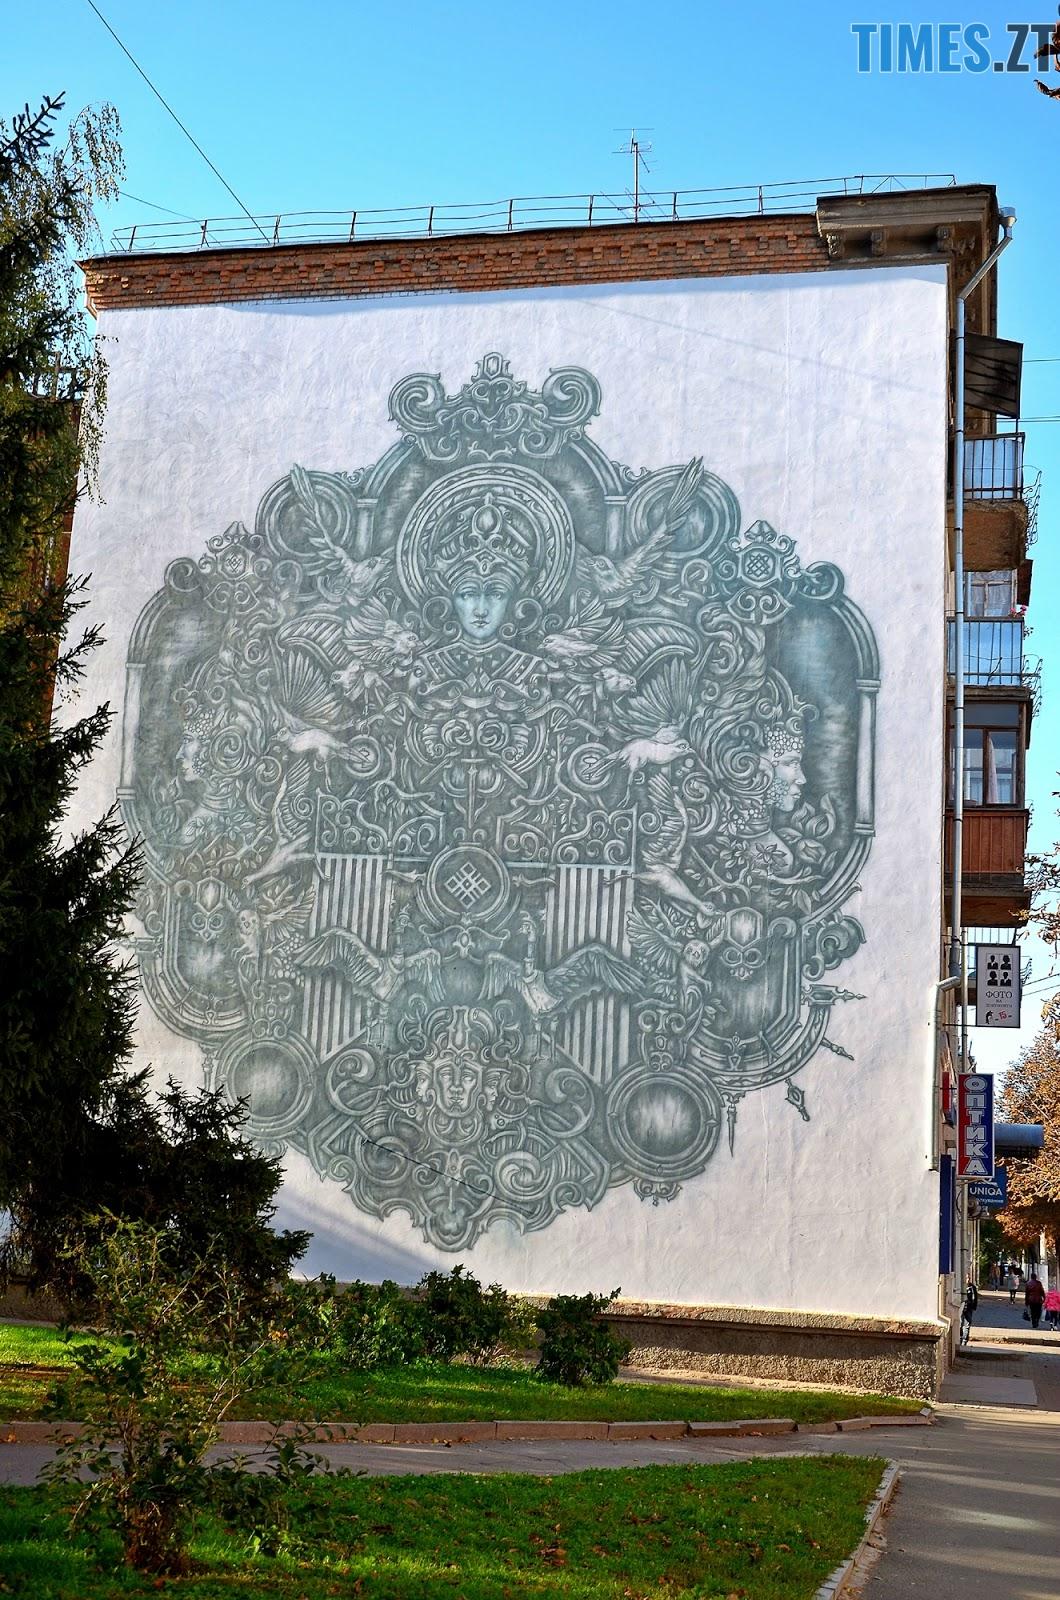 Krab 1 - Новий мурал «Трисвіт» як наймасштабніший витвір вуличного мистецтва у Житомирі